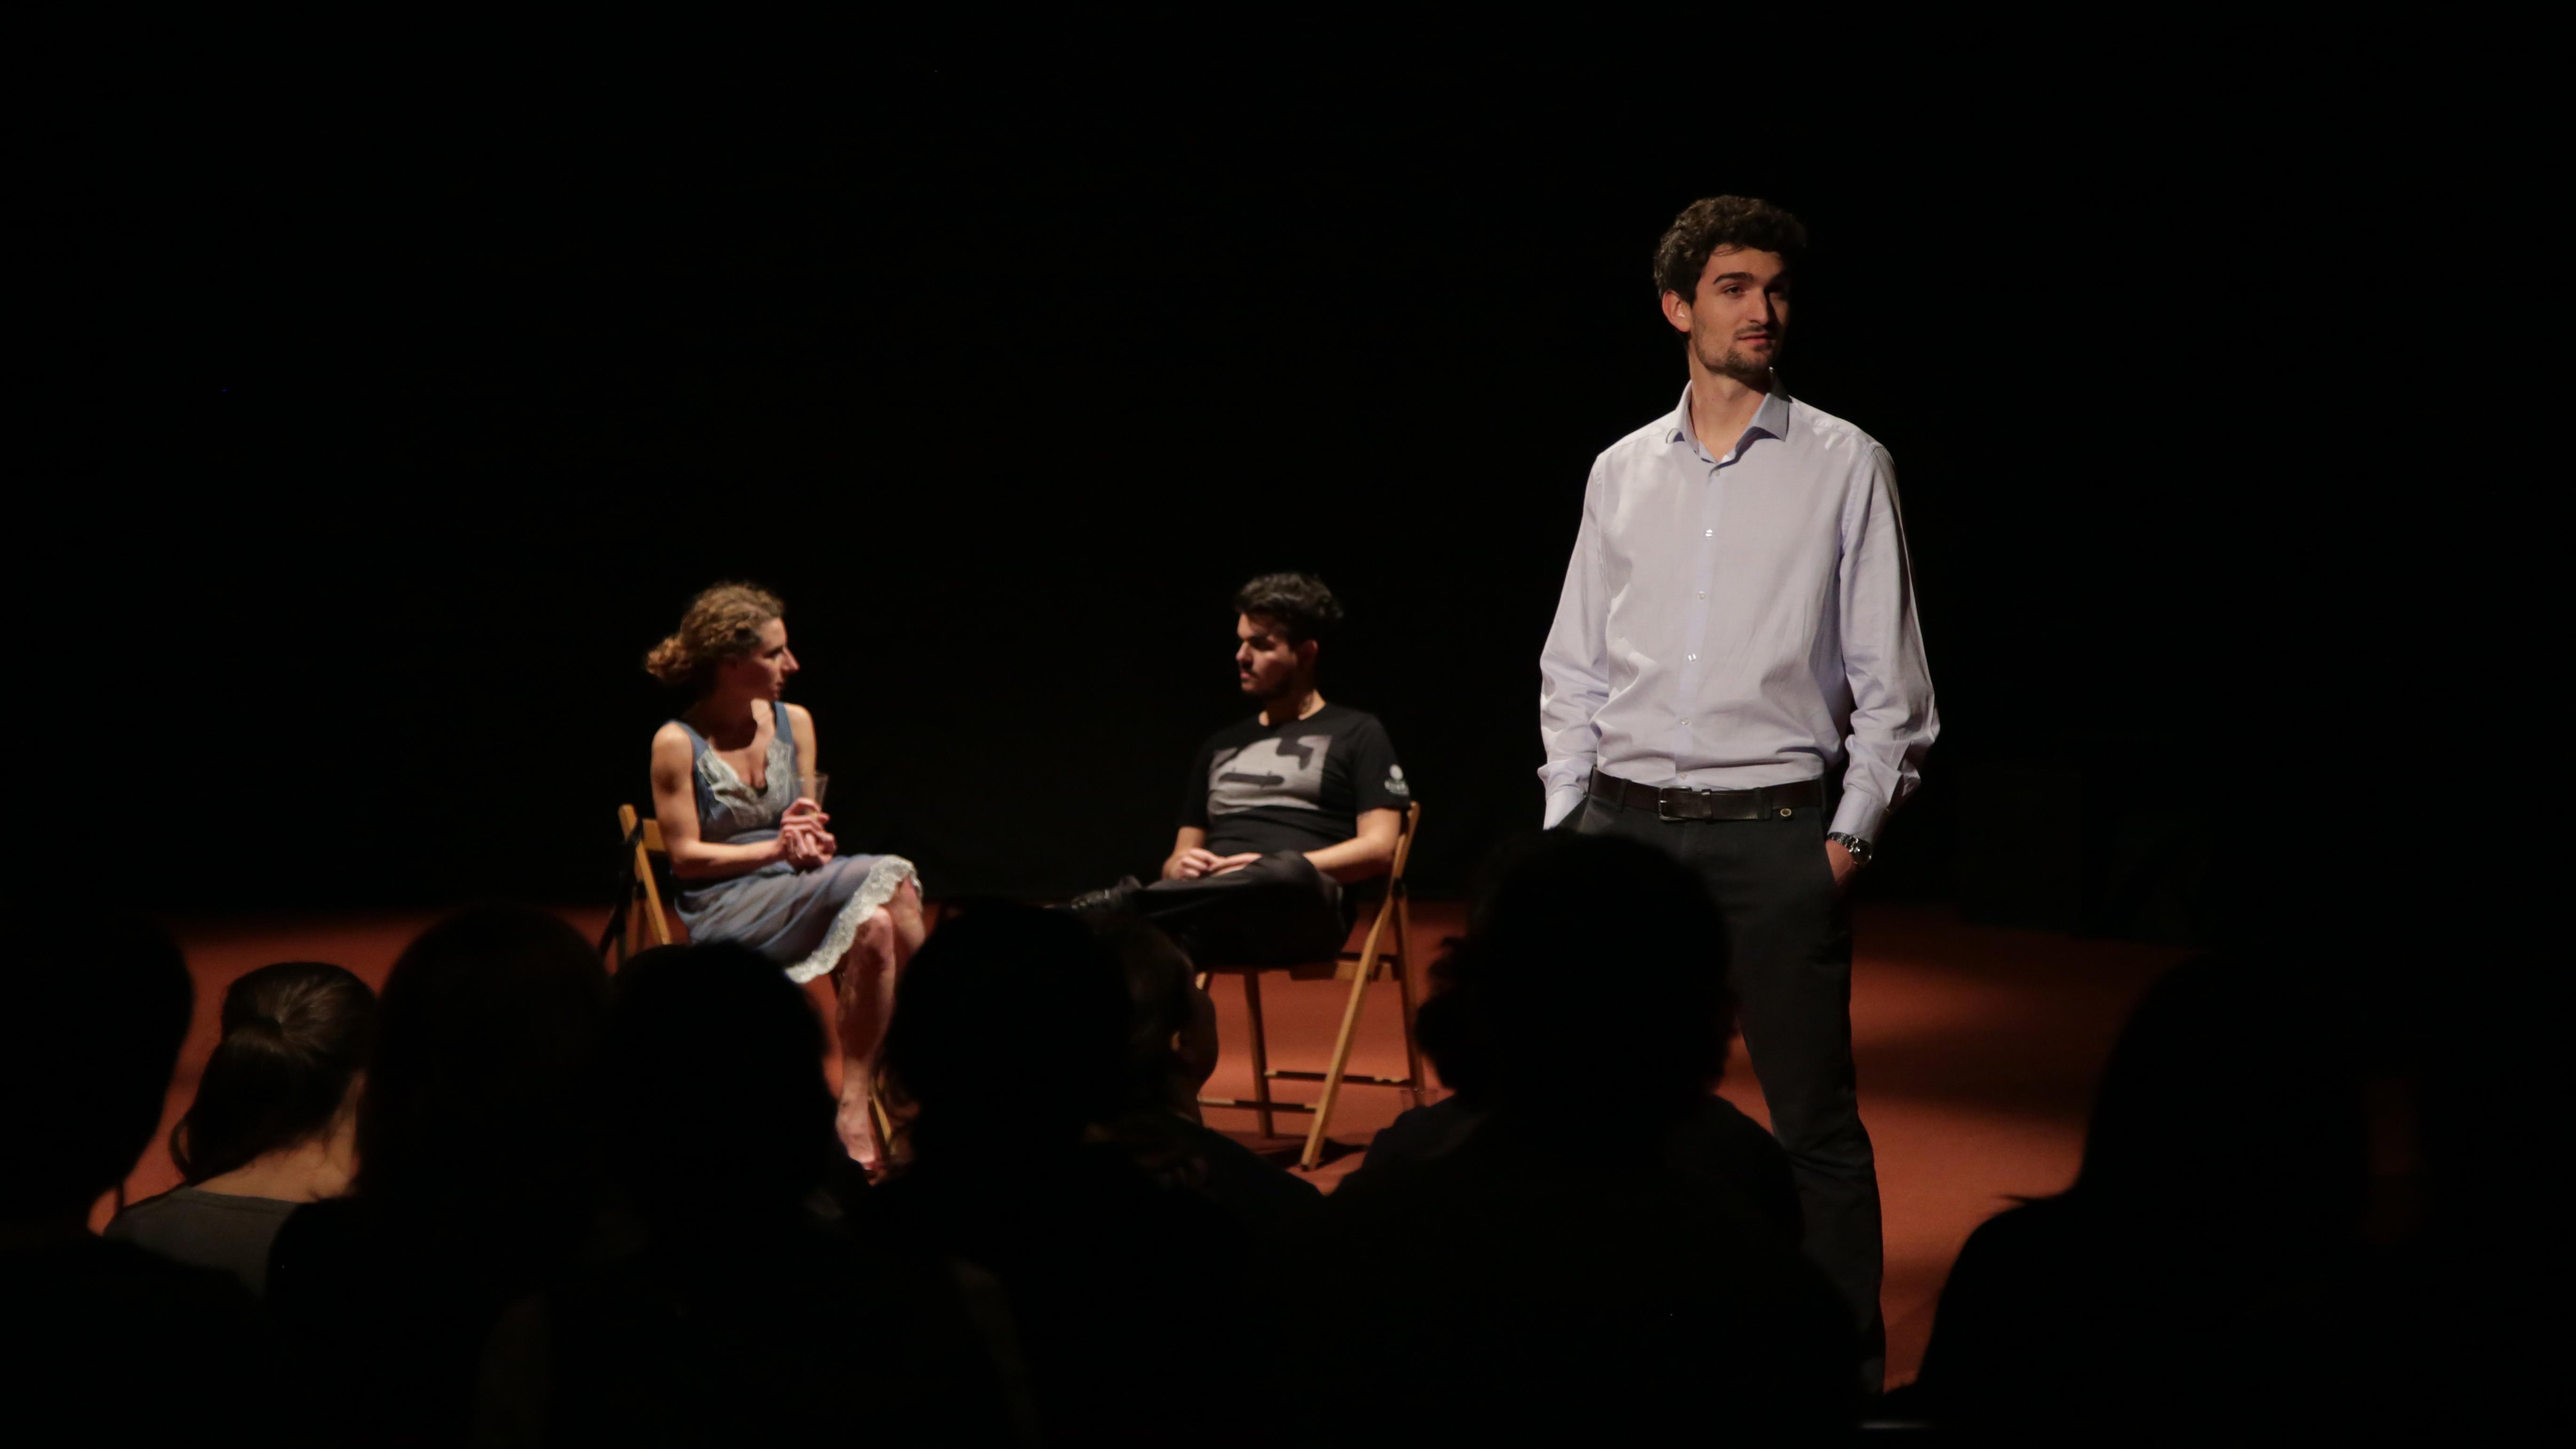 Dedalo: Teatro e Cinema, i nostri corsi in via Ariberto 25, Milano